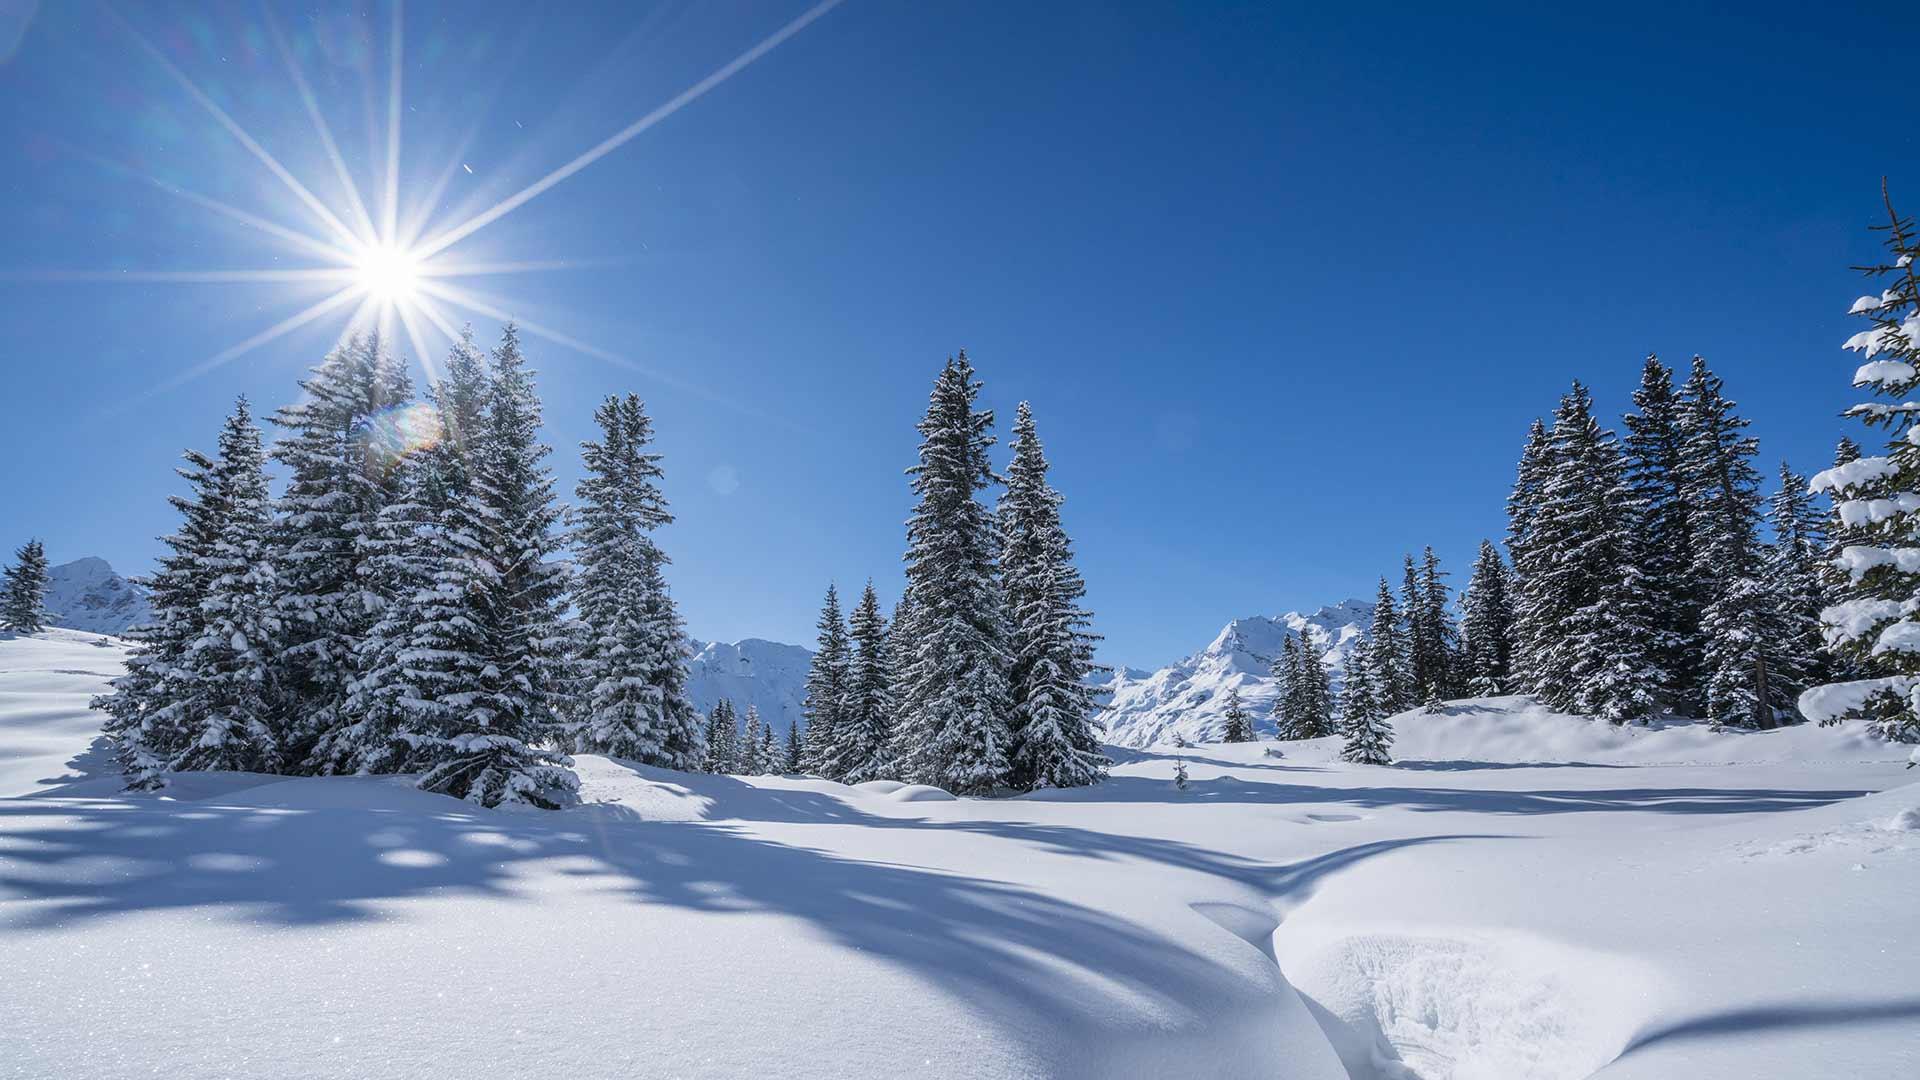 Vacanze invernali a Merano e dintorni